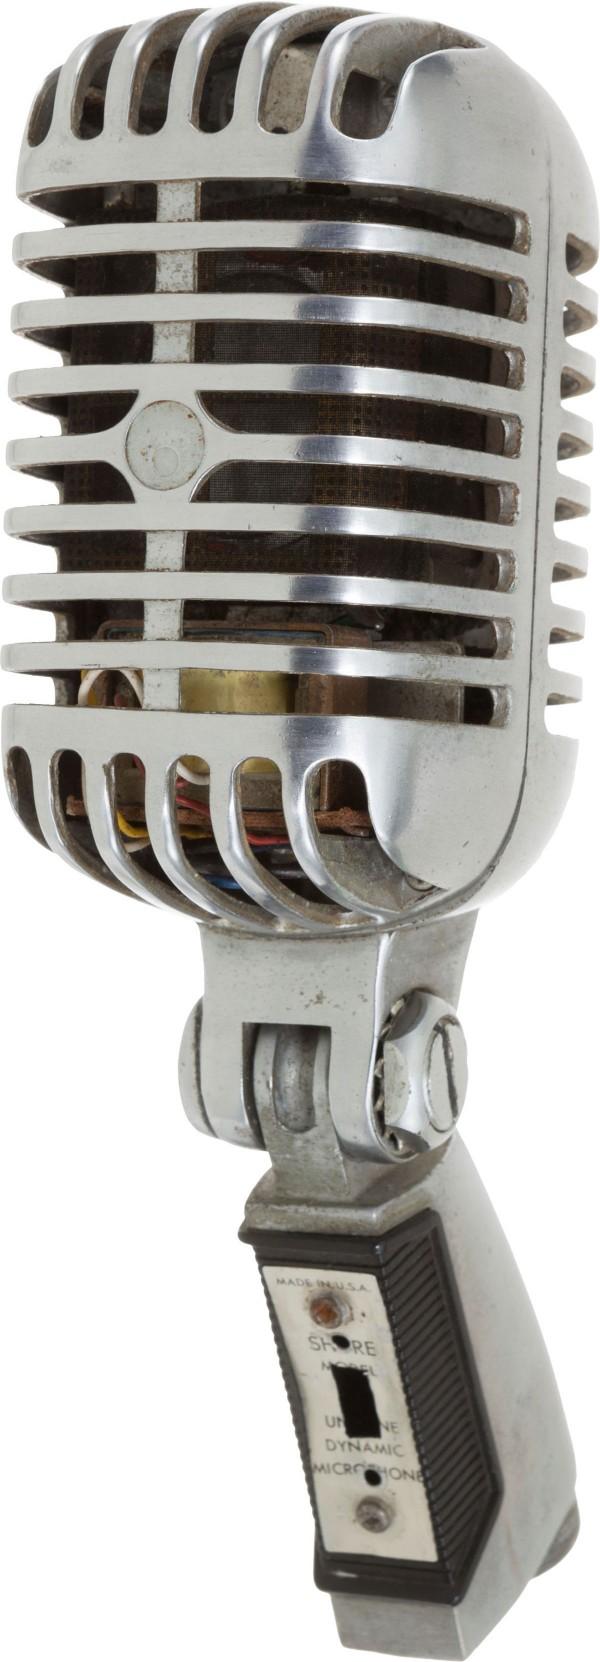 Elvis Presley Used KWKH Shure Microphone